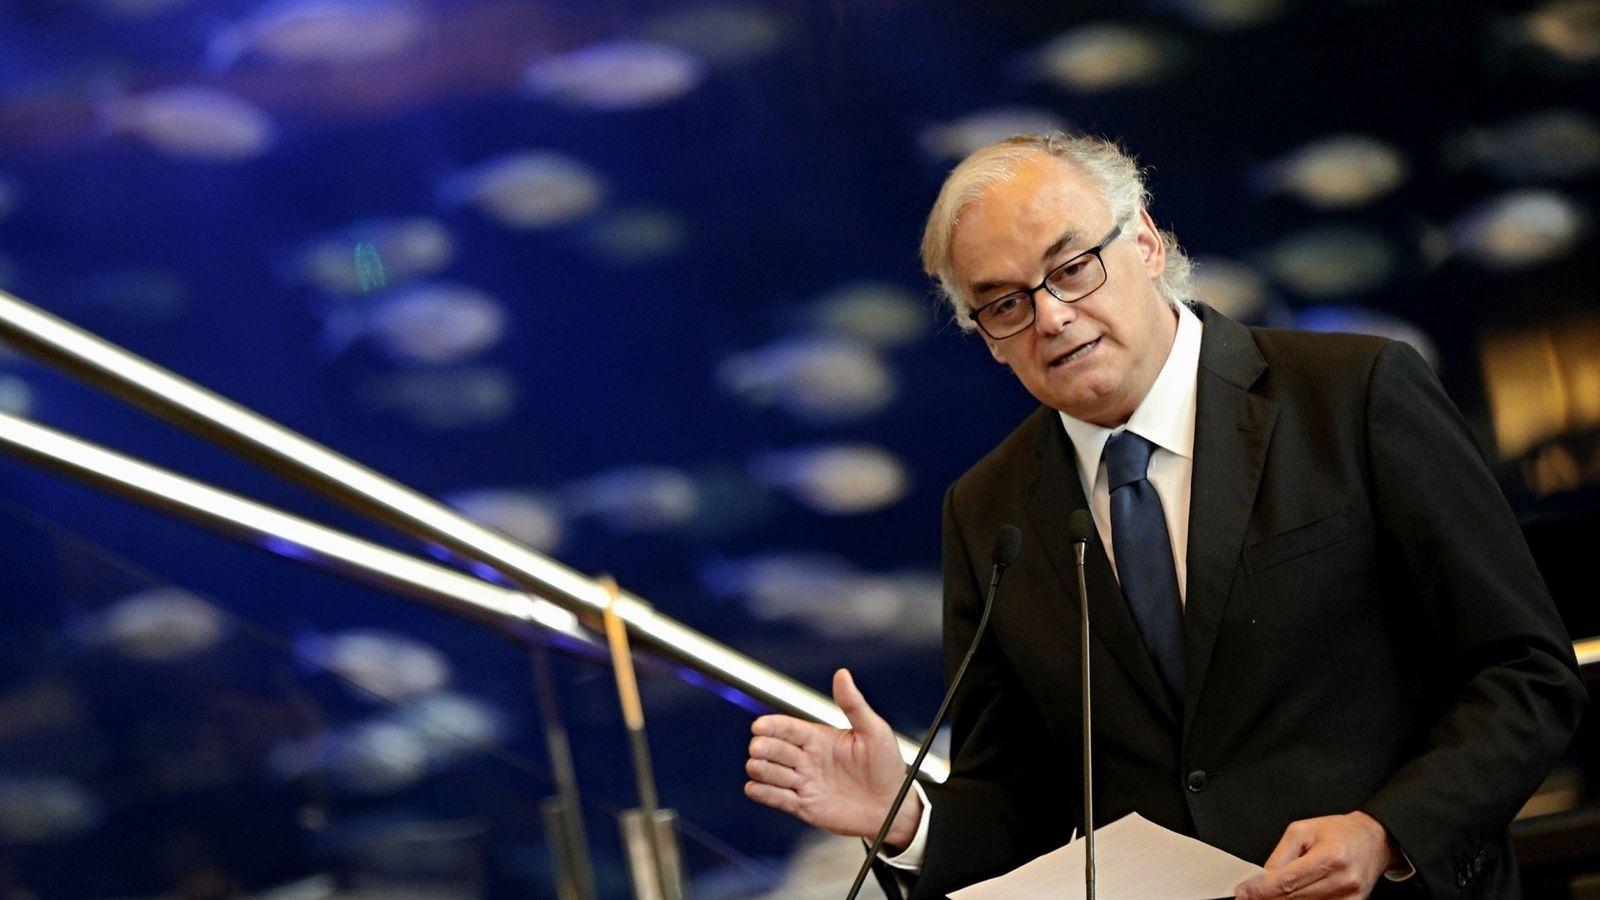 Foto: El portavoz de la delegación española en el Parlamento Europeo y vicepresidente del Grupo Popular Europeo, Esteban González Pons. (EFE)